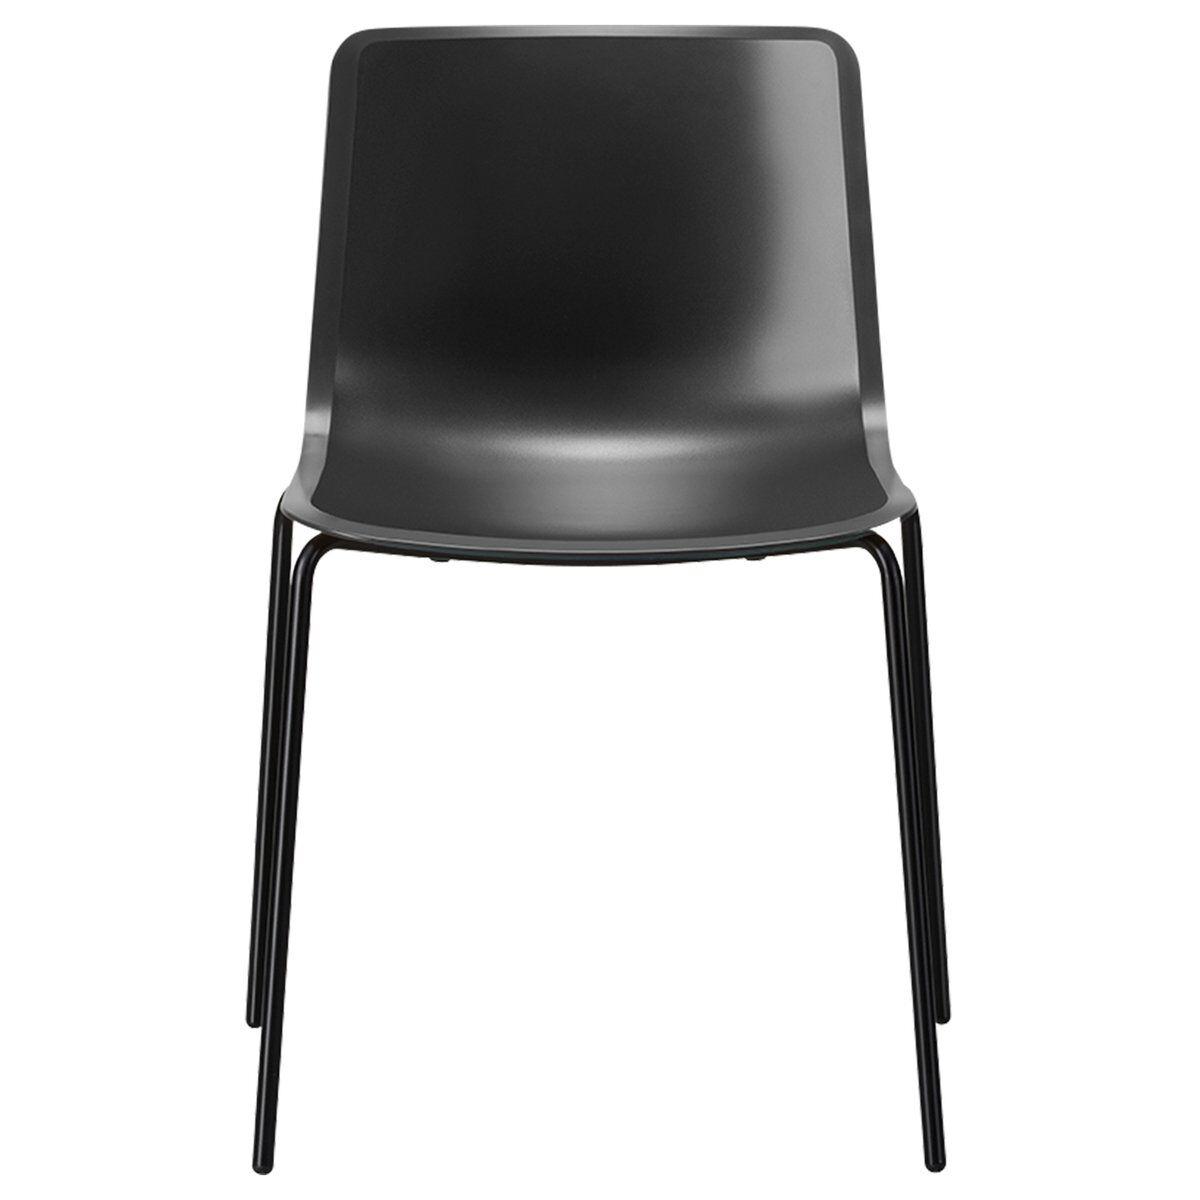 Fredericia Pato tuoli, 4 jalkaa, musta